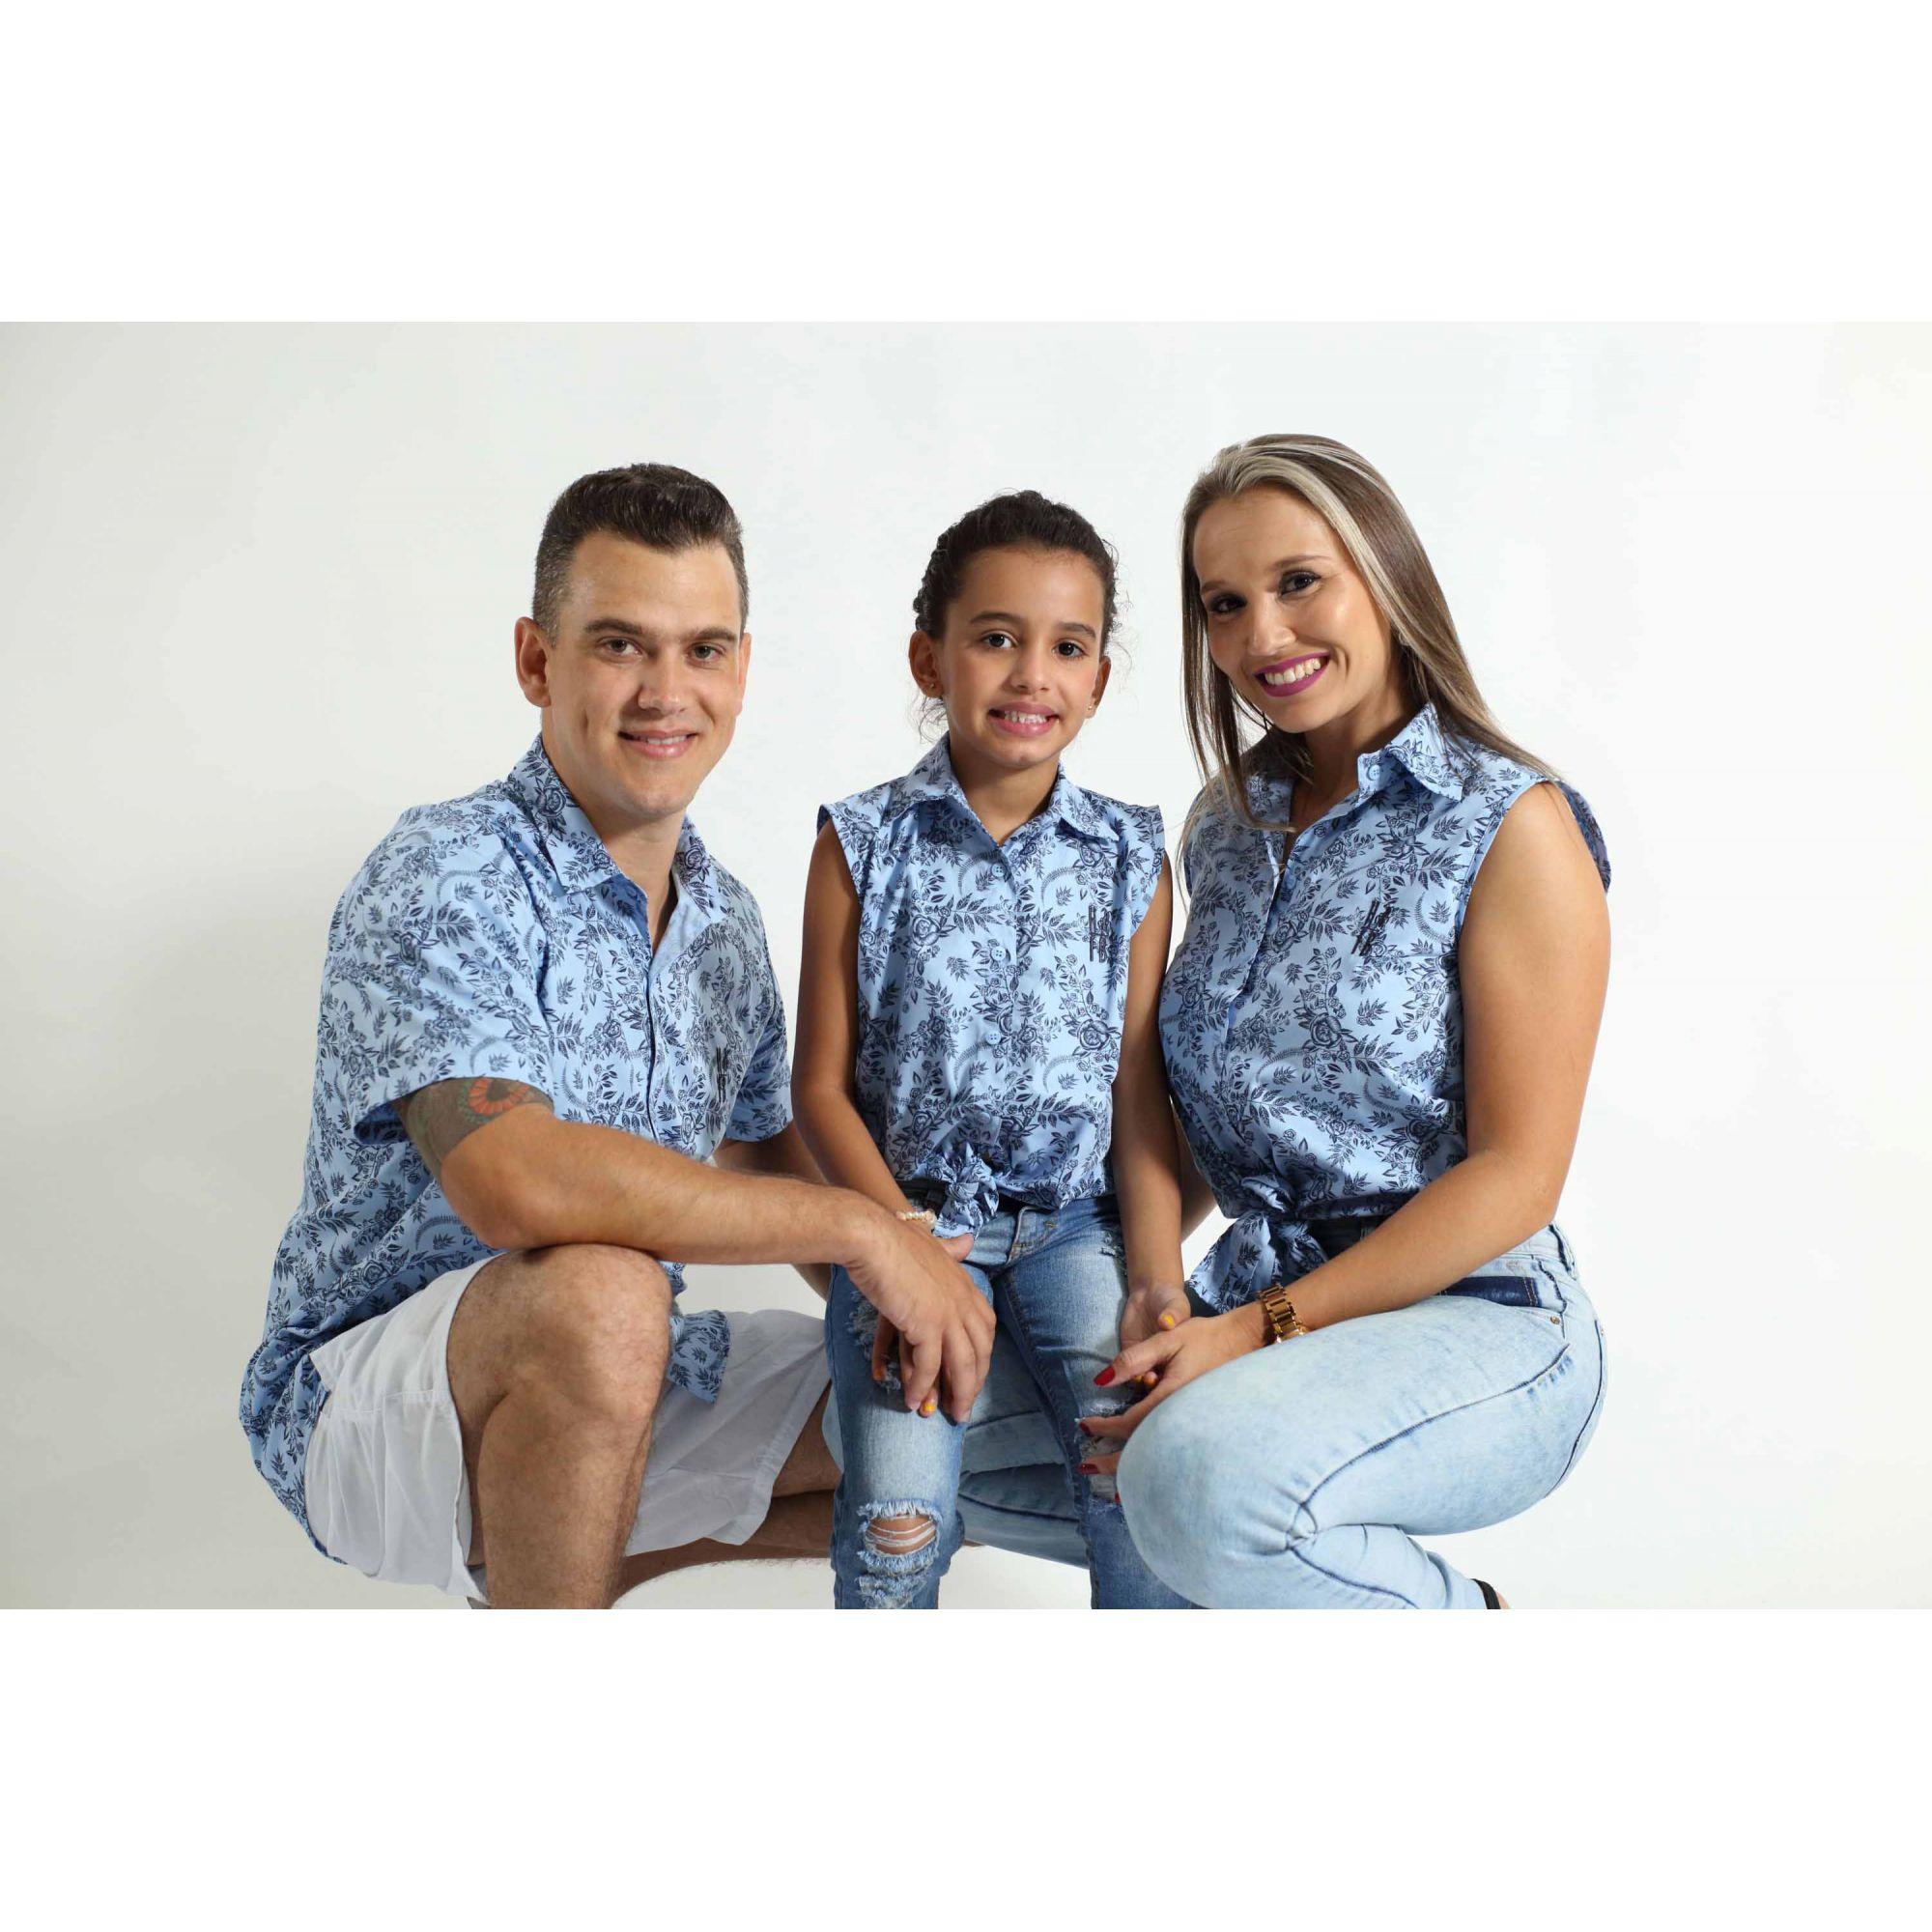 PAIS E FILHAS > Kit 3 peças Camisas Social Azul Floral [Coleção Família]  - Heitor Fashion Brazil